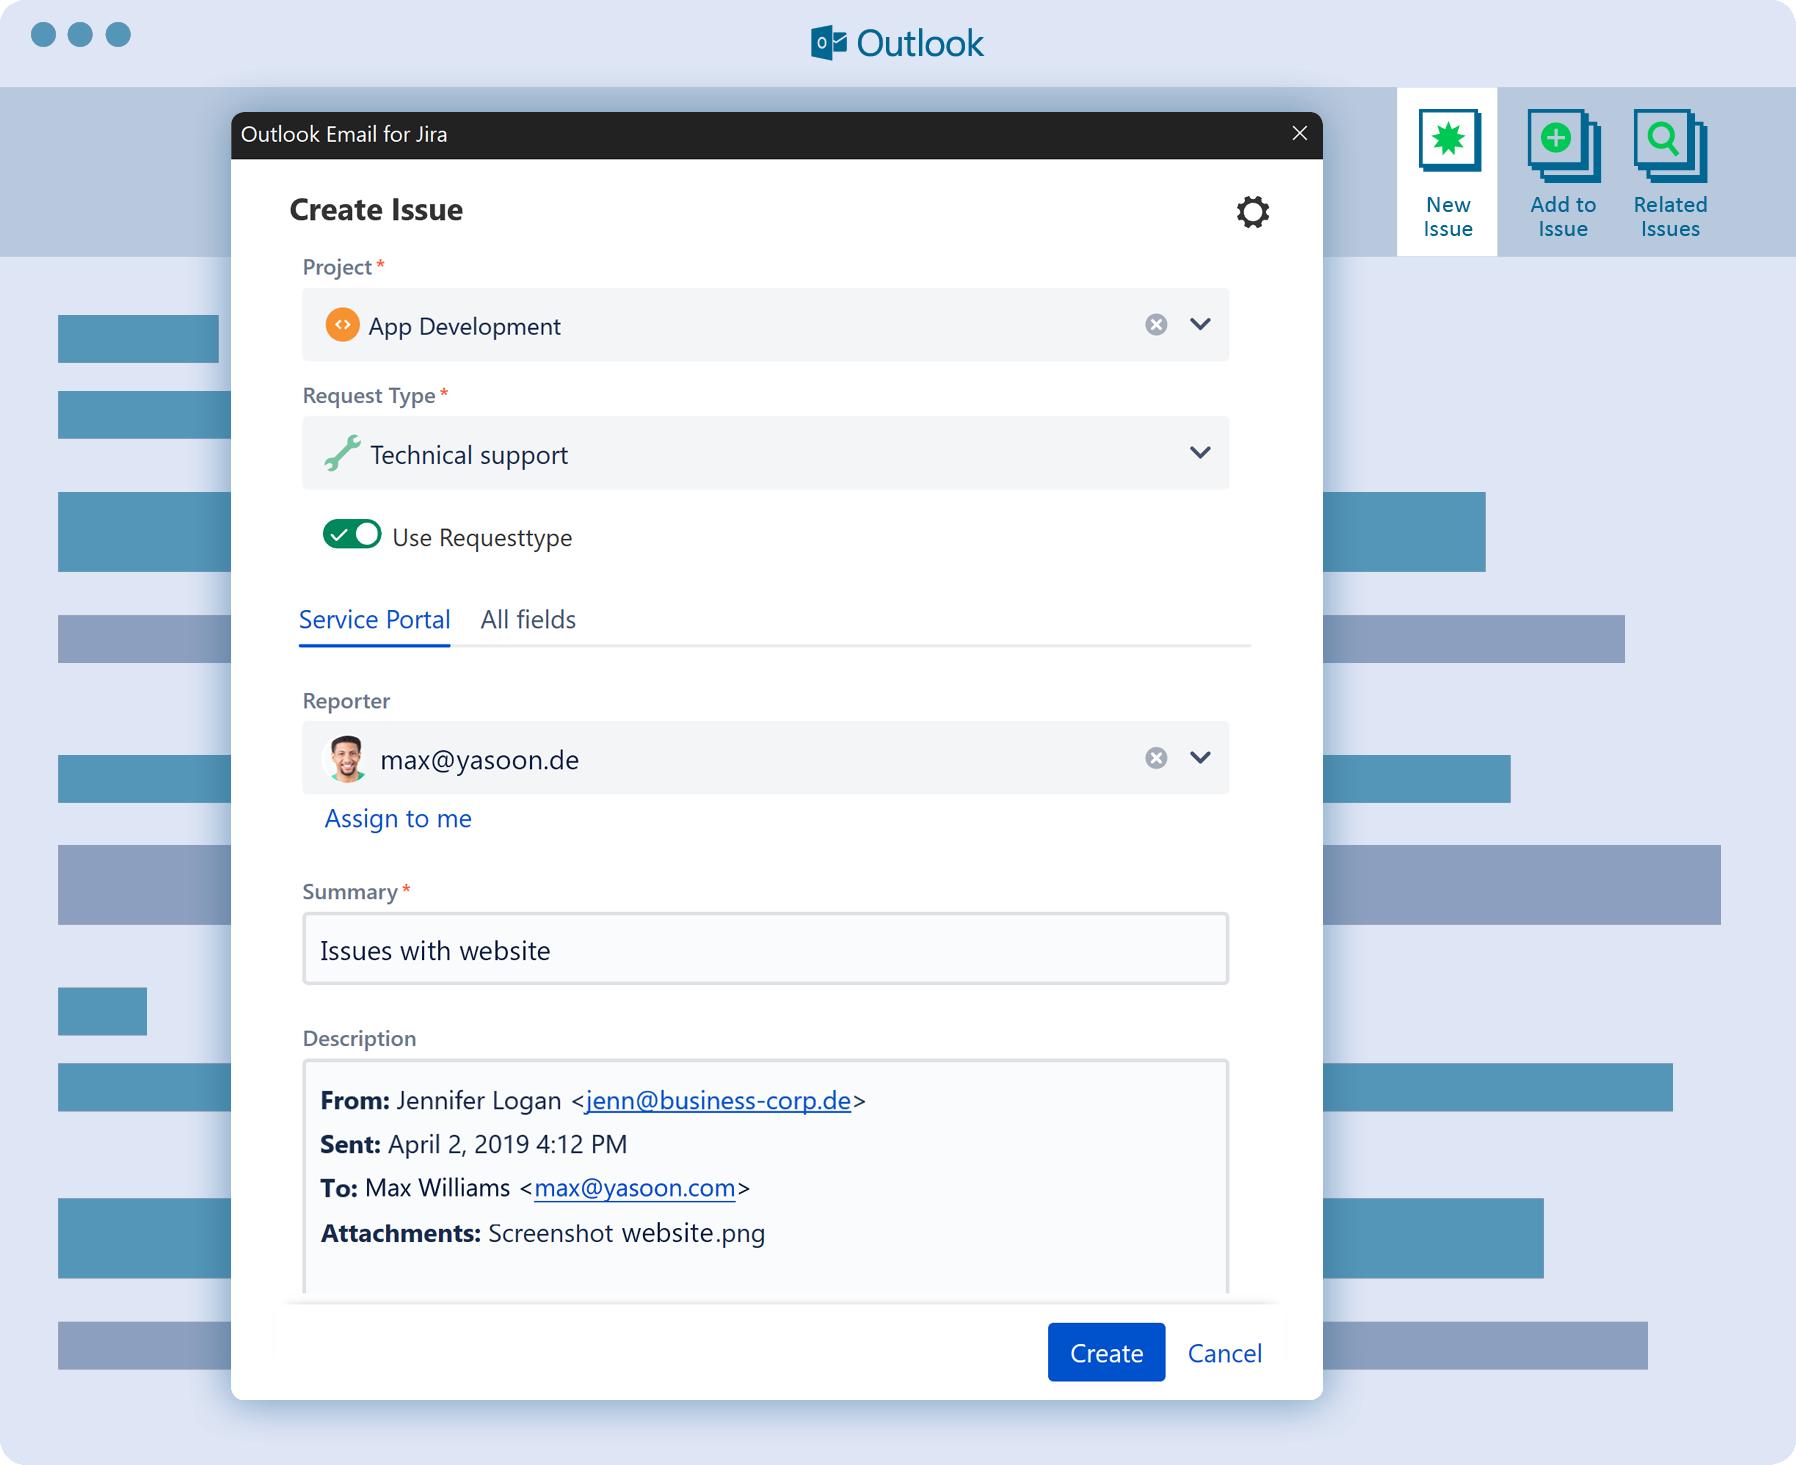 Cómo crear una issue de Jira desde Microsoft Outlook